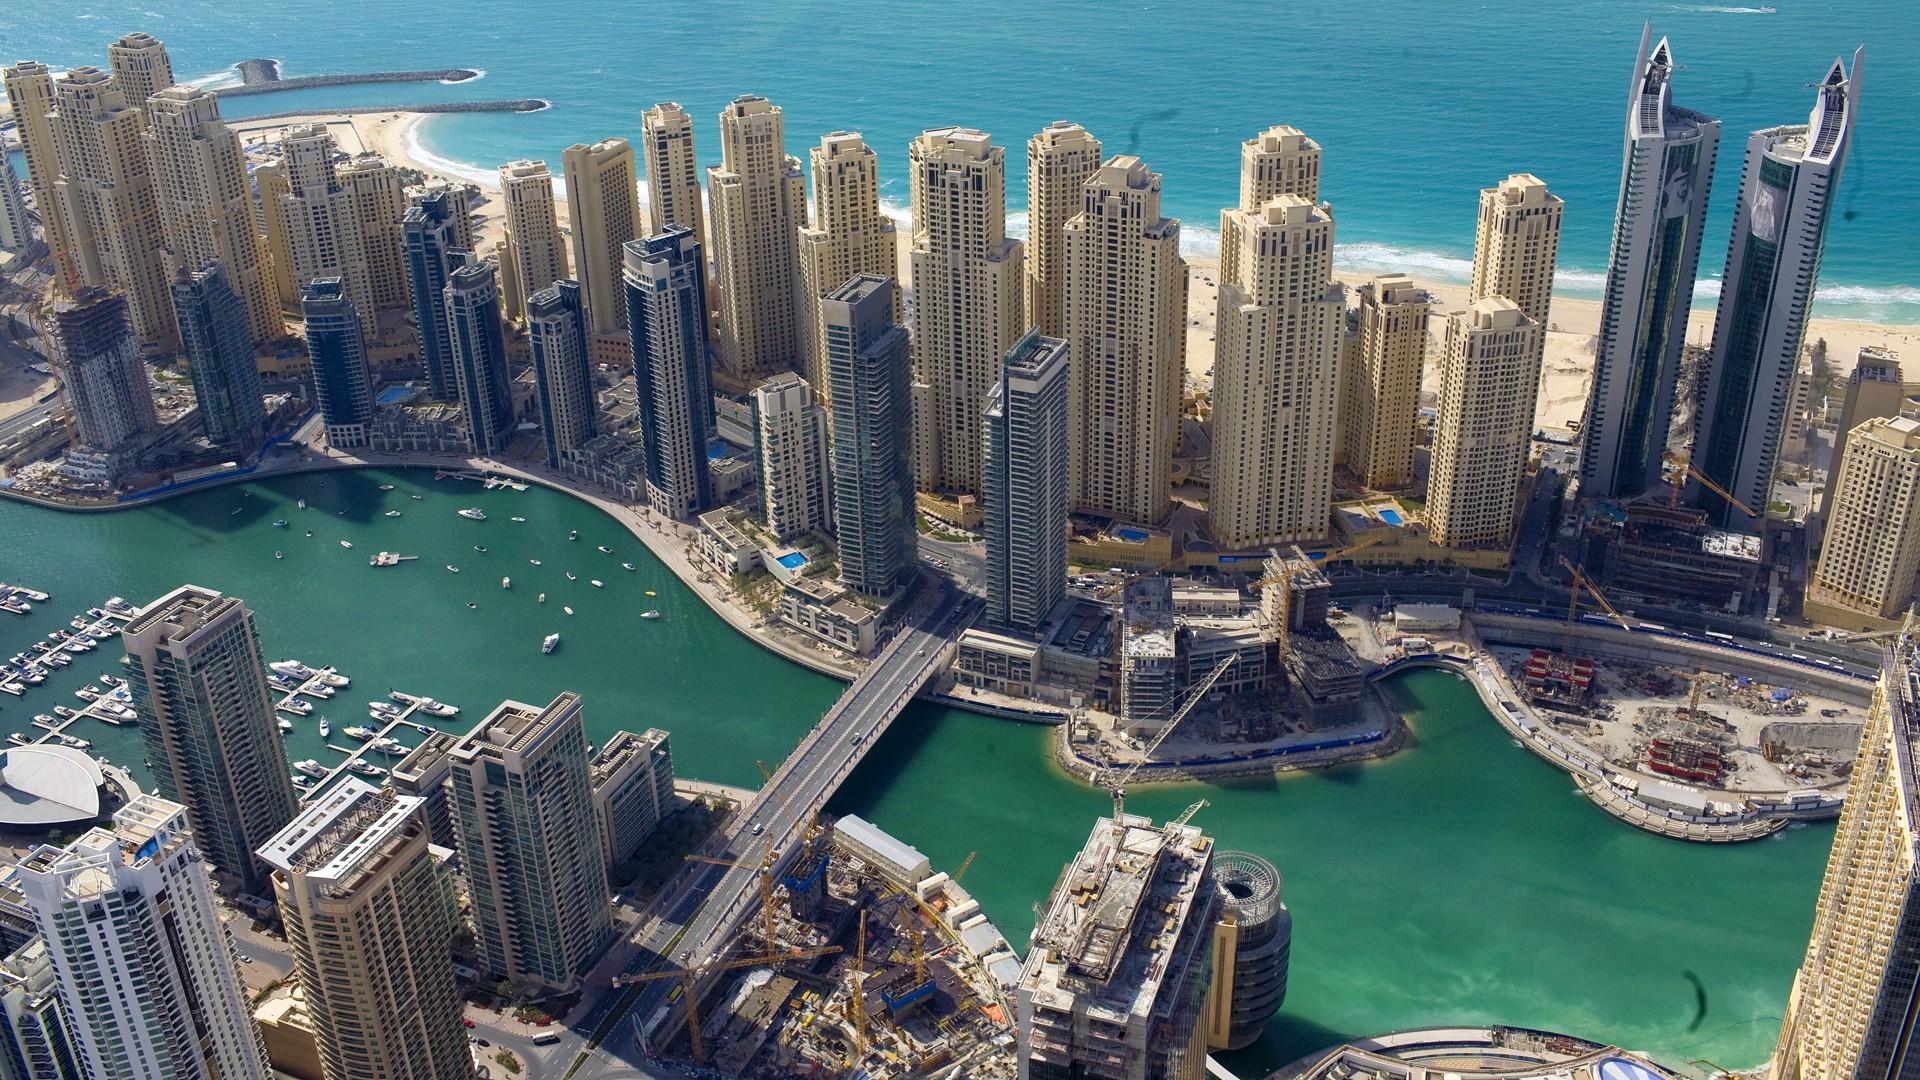 Dubai được mệnh danh là ' Thánh địa của thế giới' vật chất nhờ sở hữu các kỷ lục guiness: tòa nhà cao tầng nhất thế giới, Khu trượt tuyết trong nhà lớn nhất thế giới, khách sang sang trọng bậc nhất thế giới và là thiên đường mua sắm bậc nhất trên thế giới…  Xem thêm tại: http://www.lamsao.com/top-nhung-tour-du-lich-the-gioi-co-gia-tren-troi-p214a92199.html